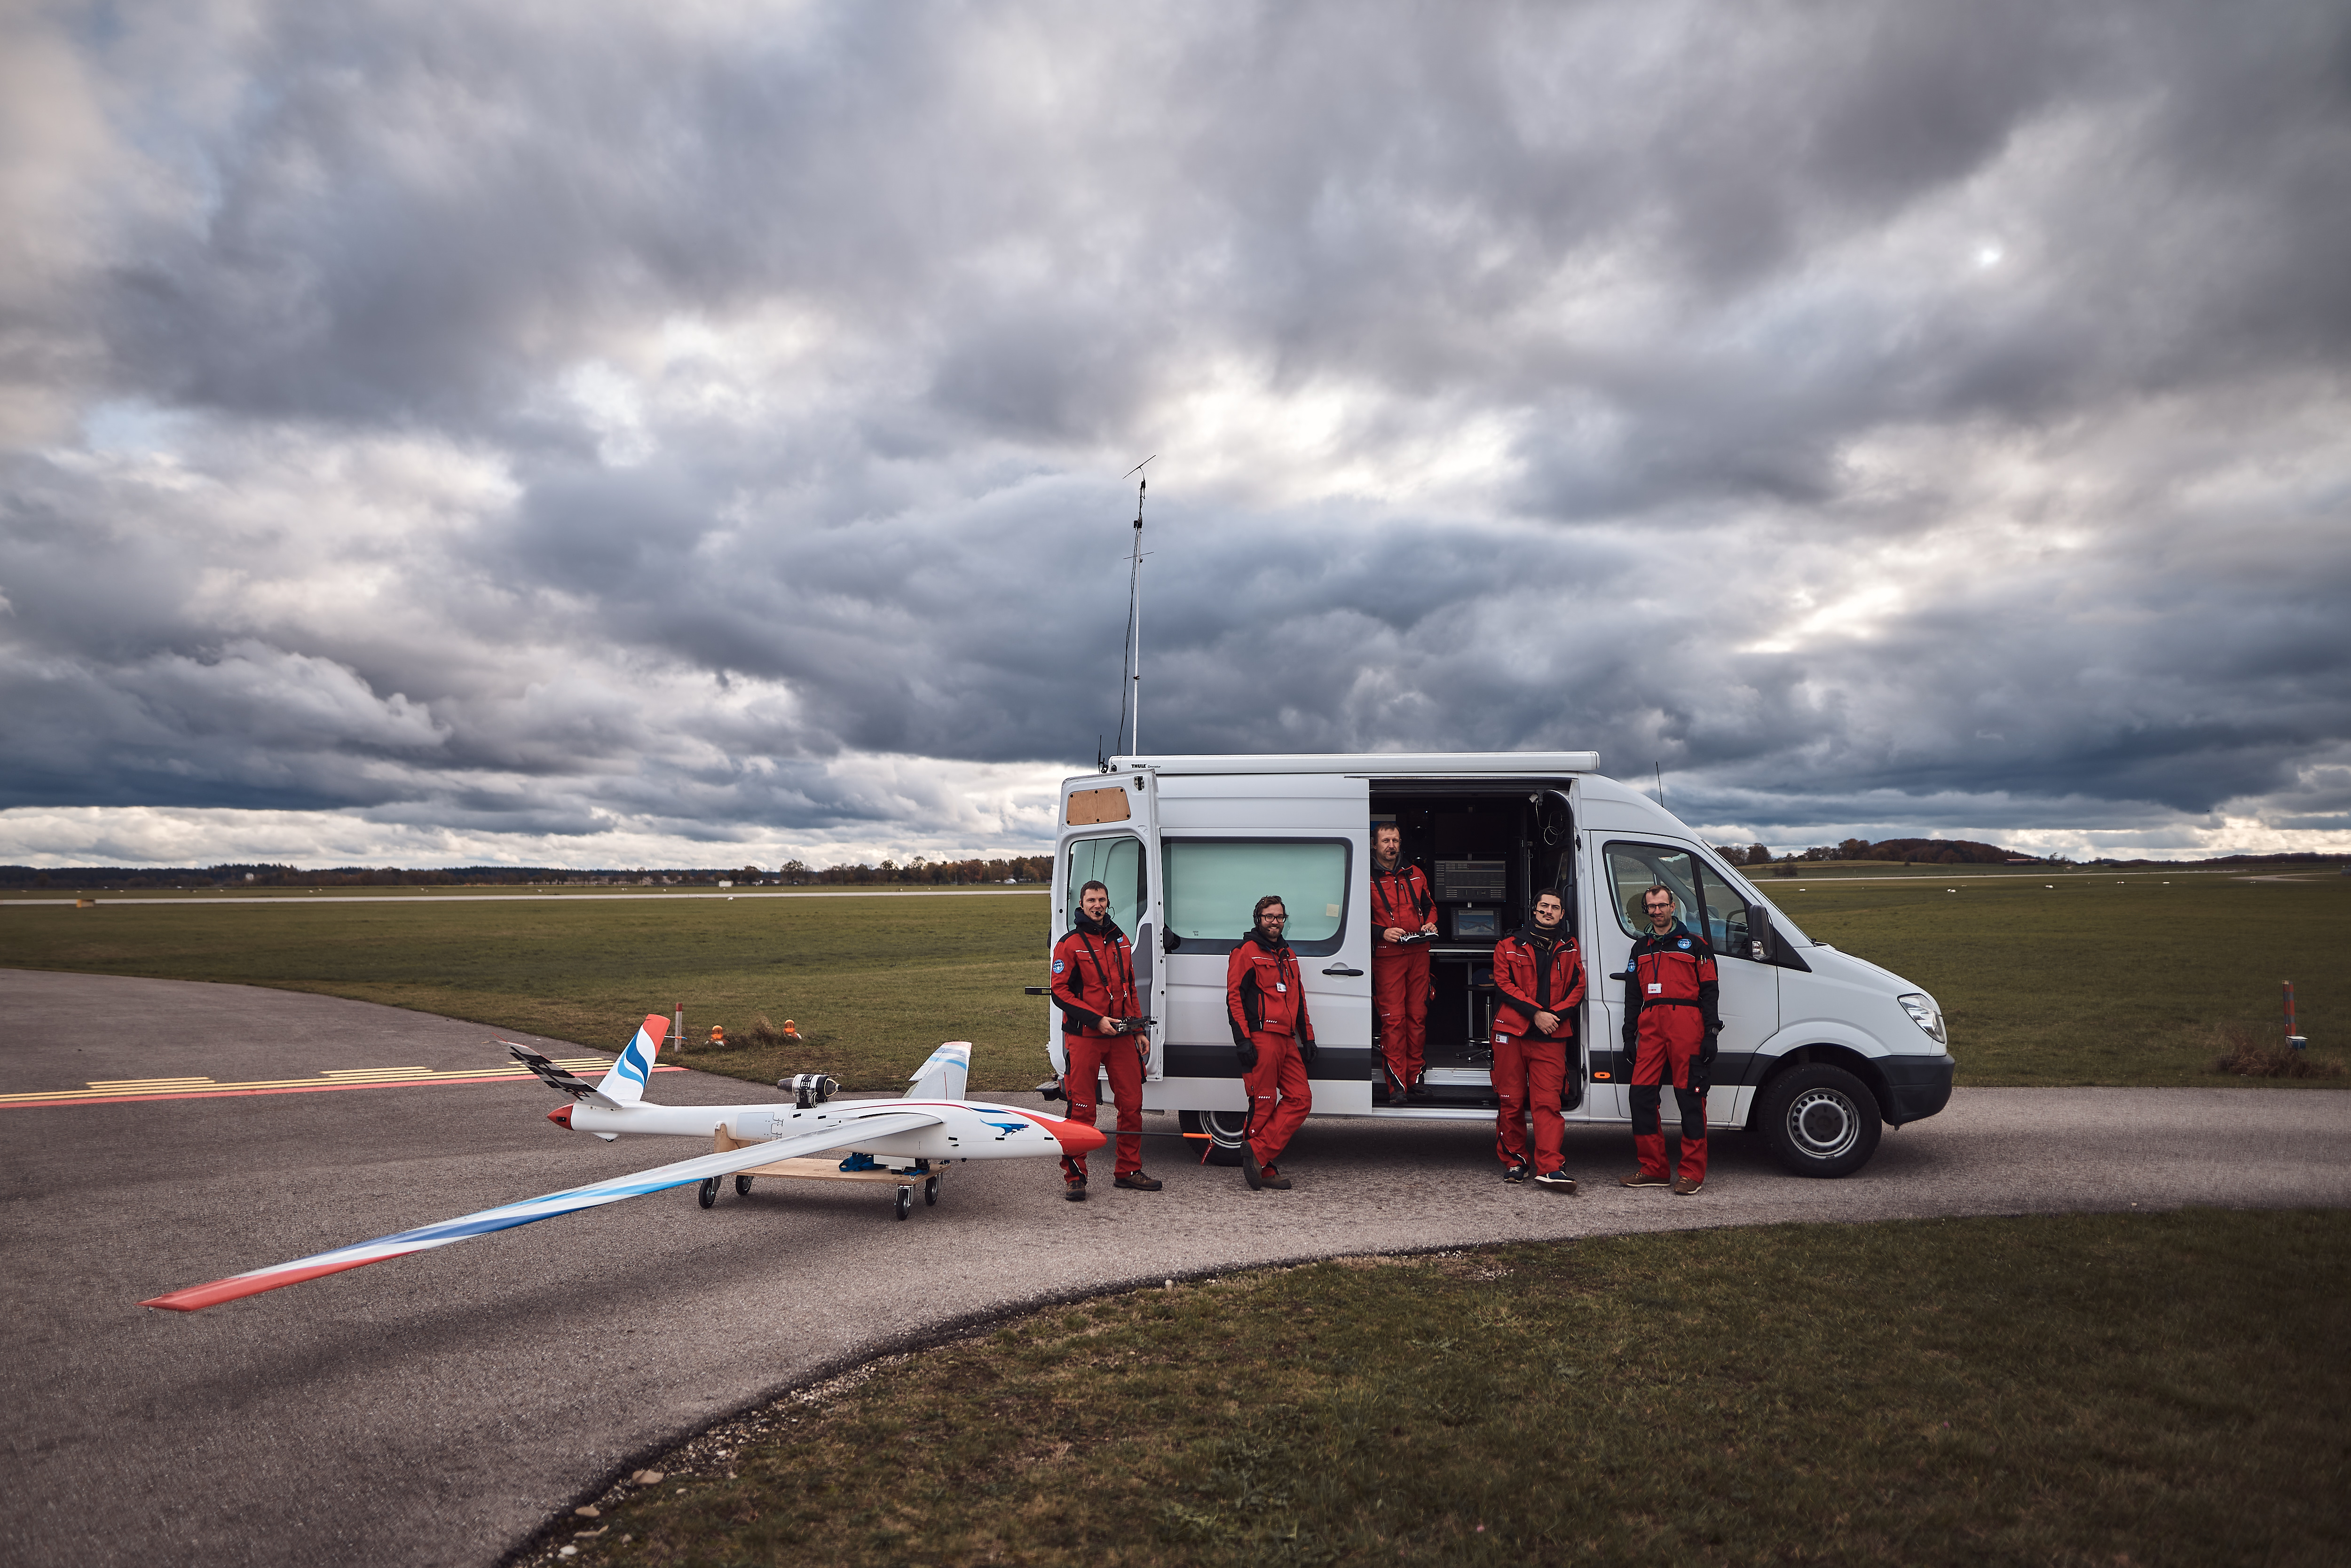 German team begins tests of aeroelastic wing technology